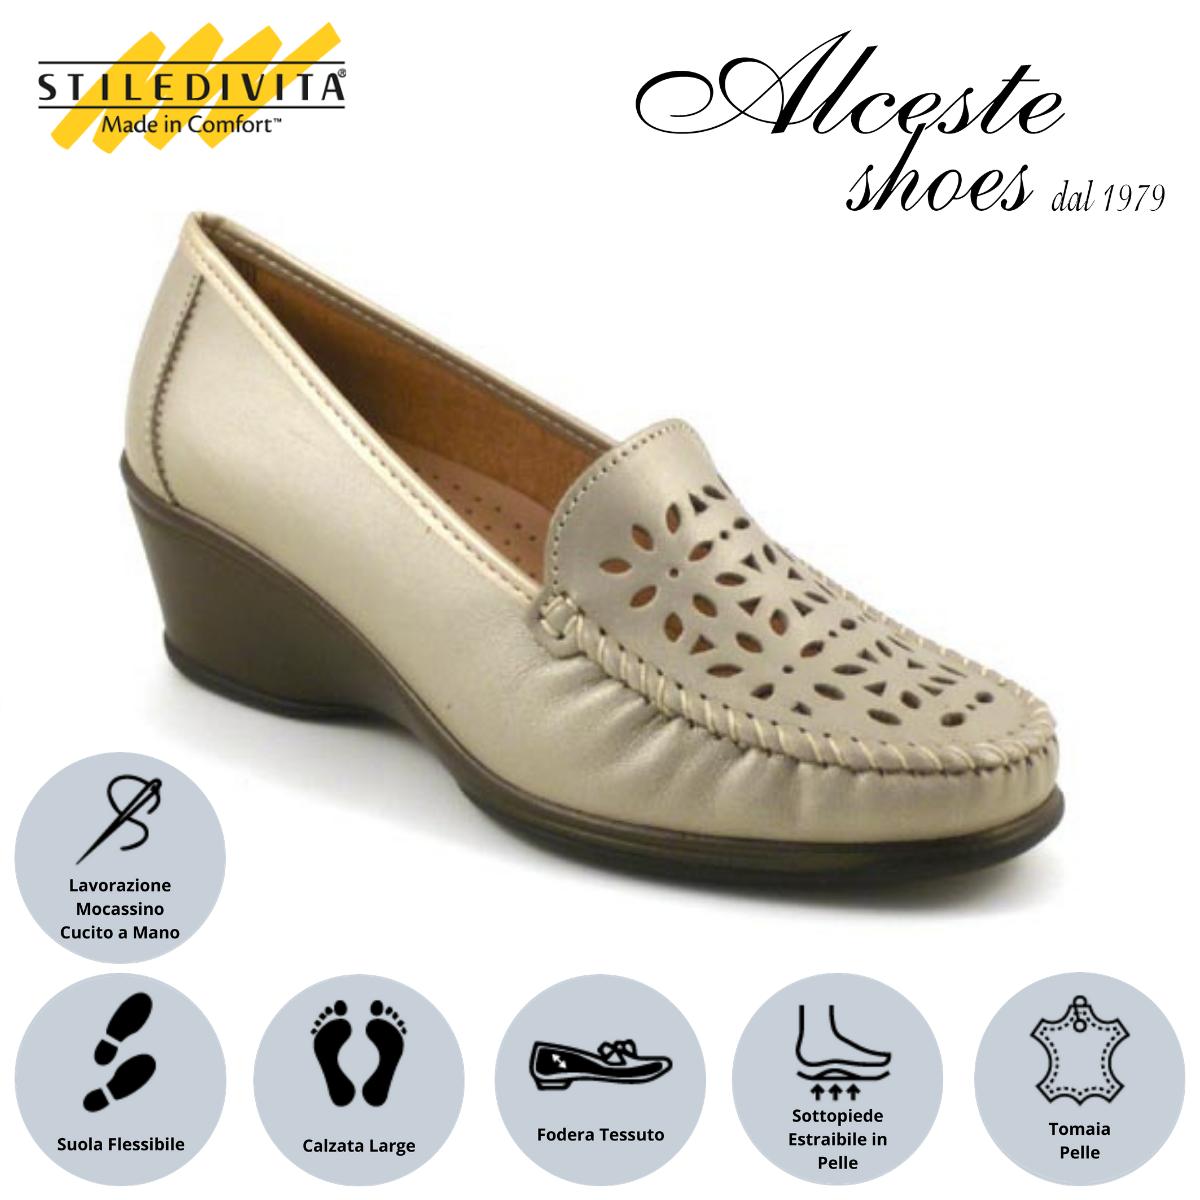 Mocassino Traforato Stiledivita Art. 2660 Pelle Pietra Perlato Alceste Shoes 13 1